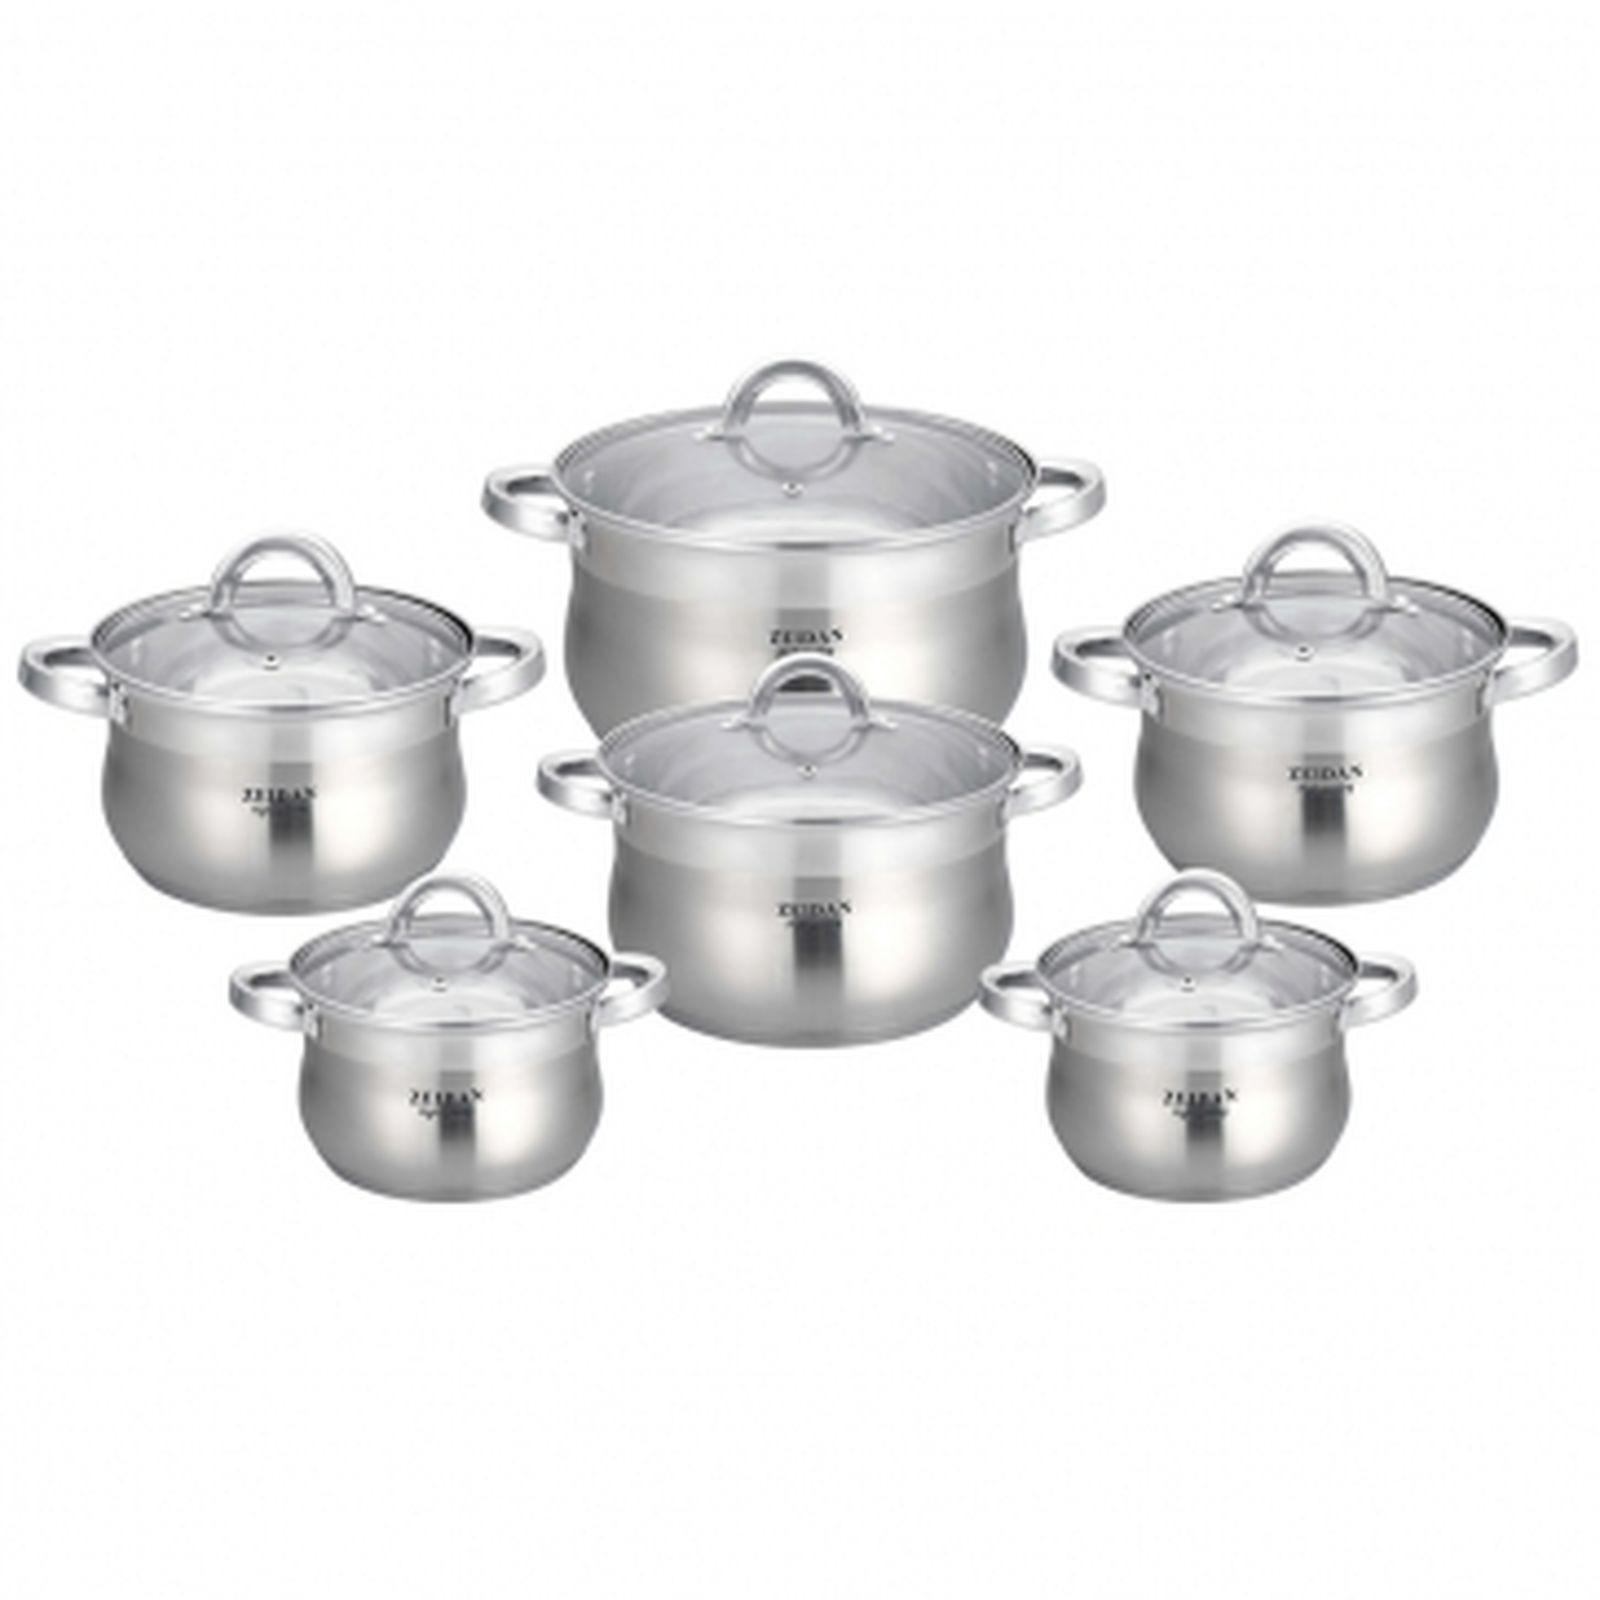 Набор посуды Zeidan, Z-51204, с крышками, 12 предметов